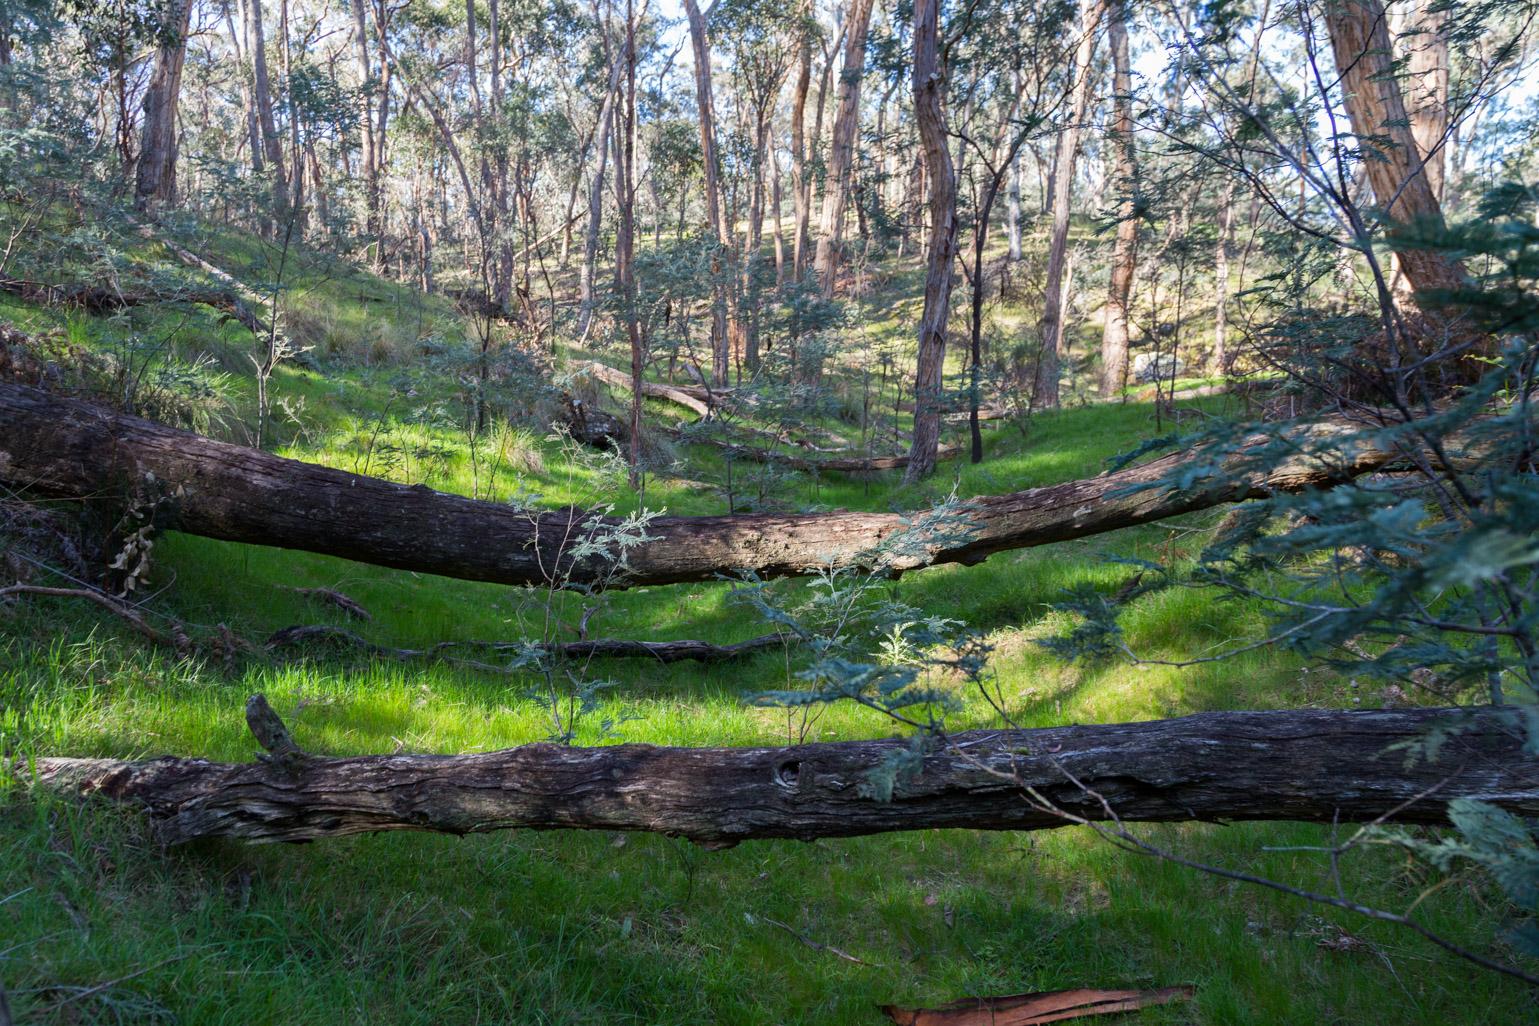 green-grass-fallen-trees